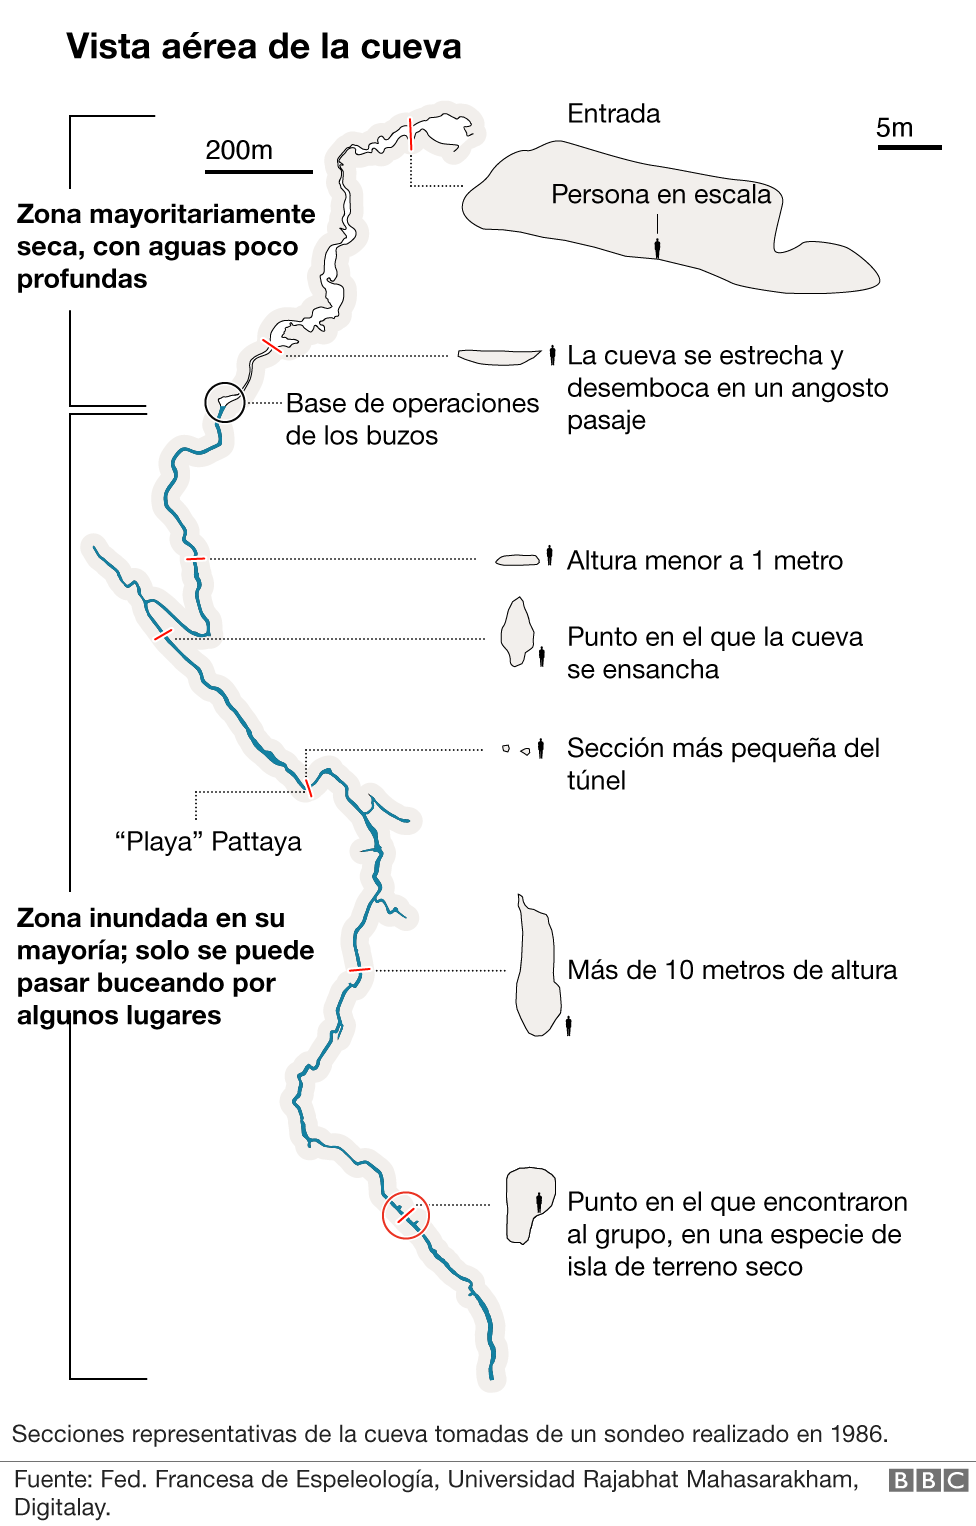 Gráfico de la cueva.